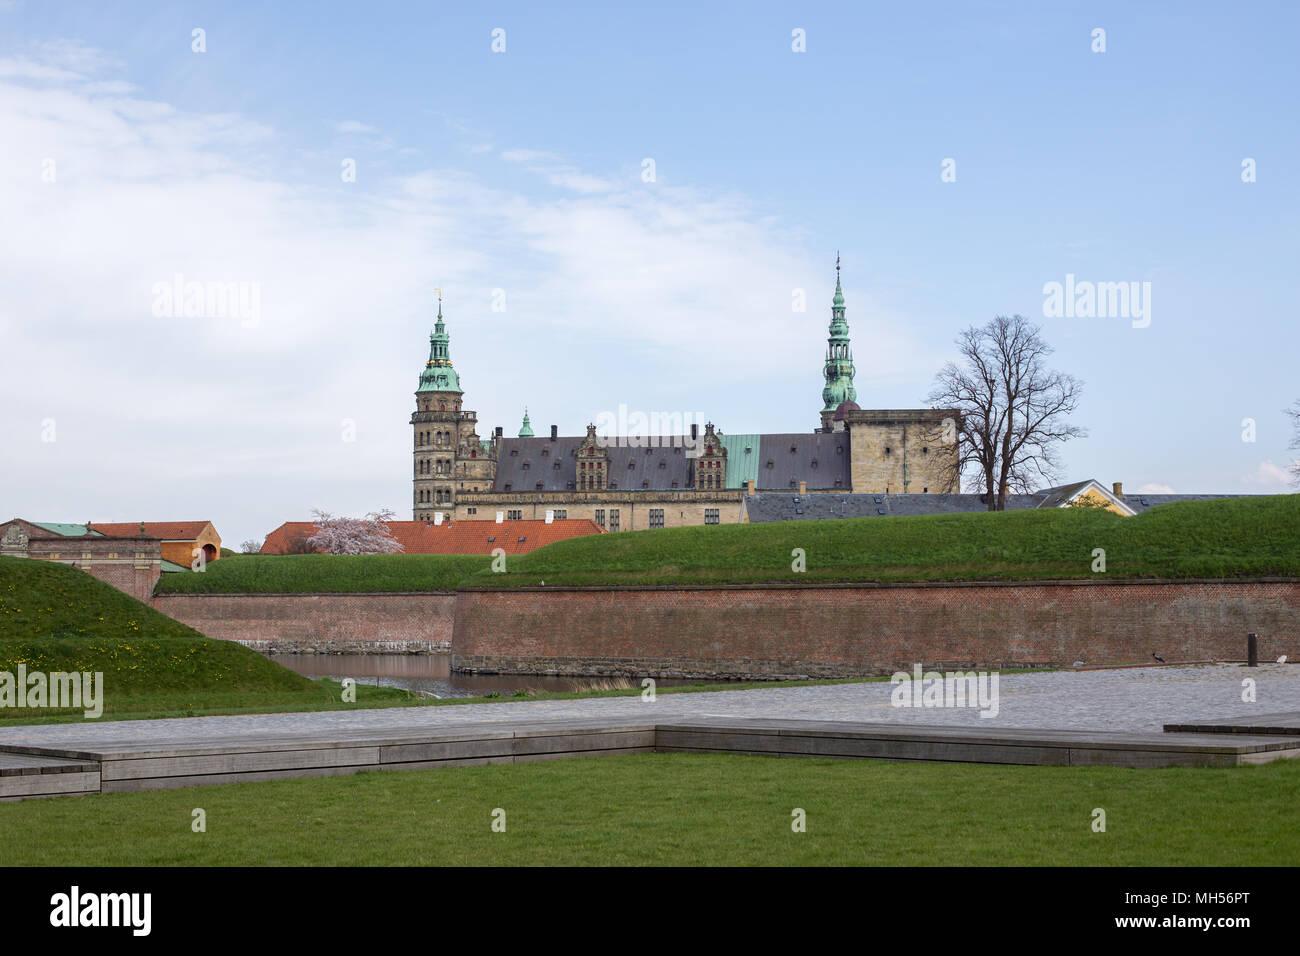 Helsingor, Denmark - April 28, 2018: Exterior view of the historical Kronborg Castle - Stock Image